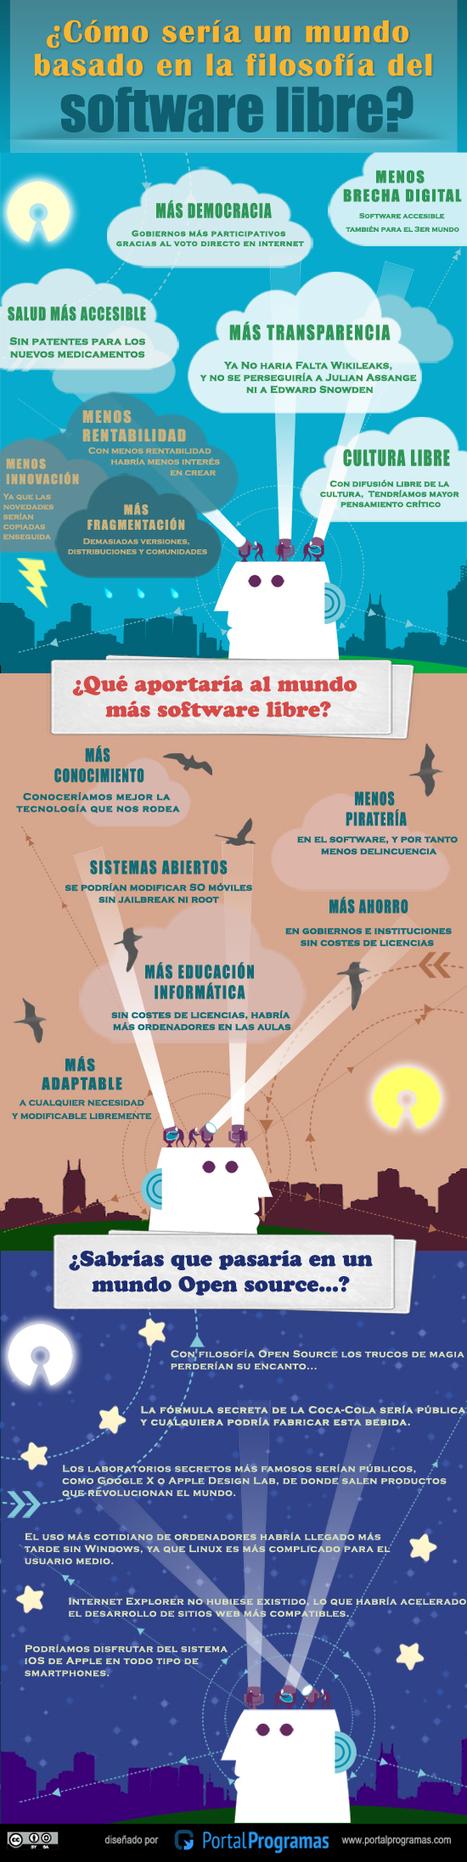 ¿Cómo sería un mundo basado en la filosofía del software libre? | Xtrene | Scoop.it